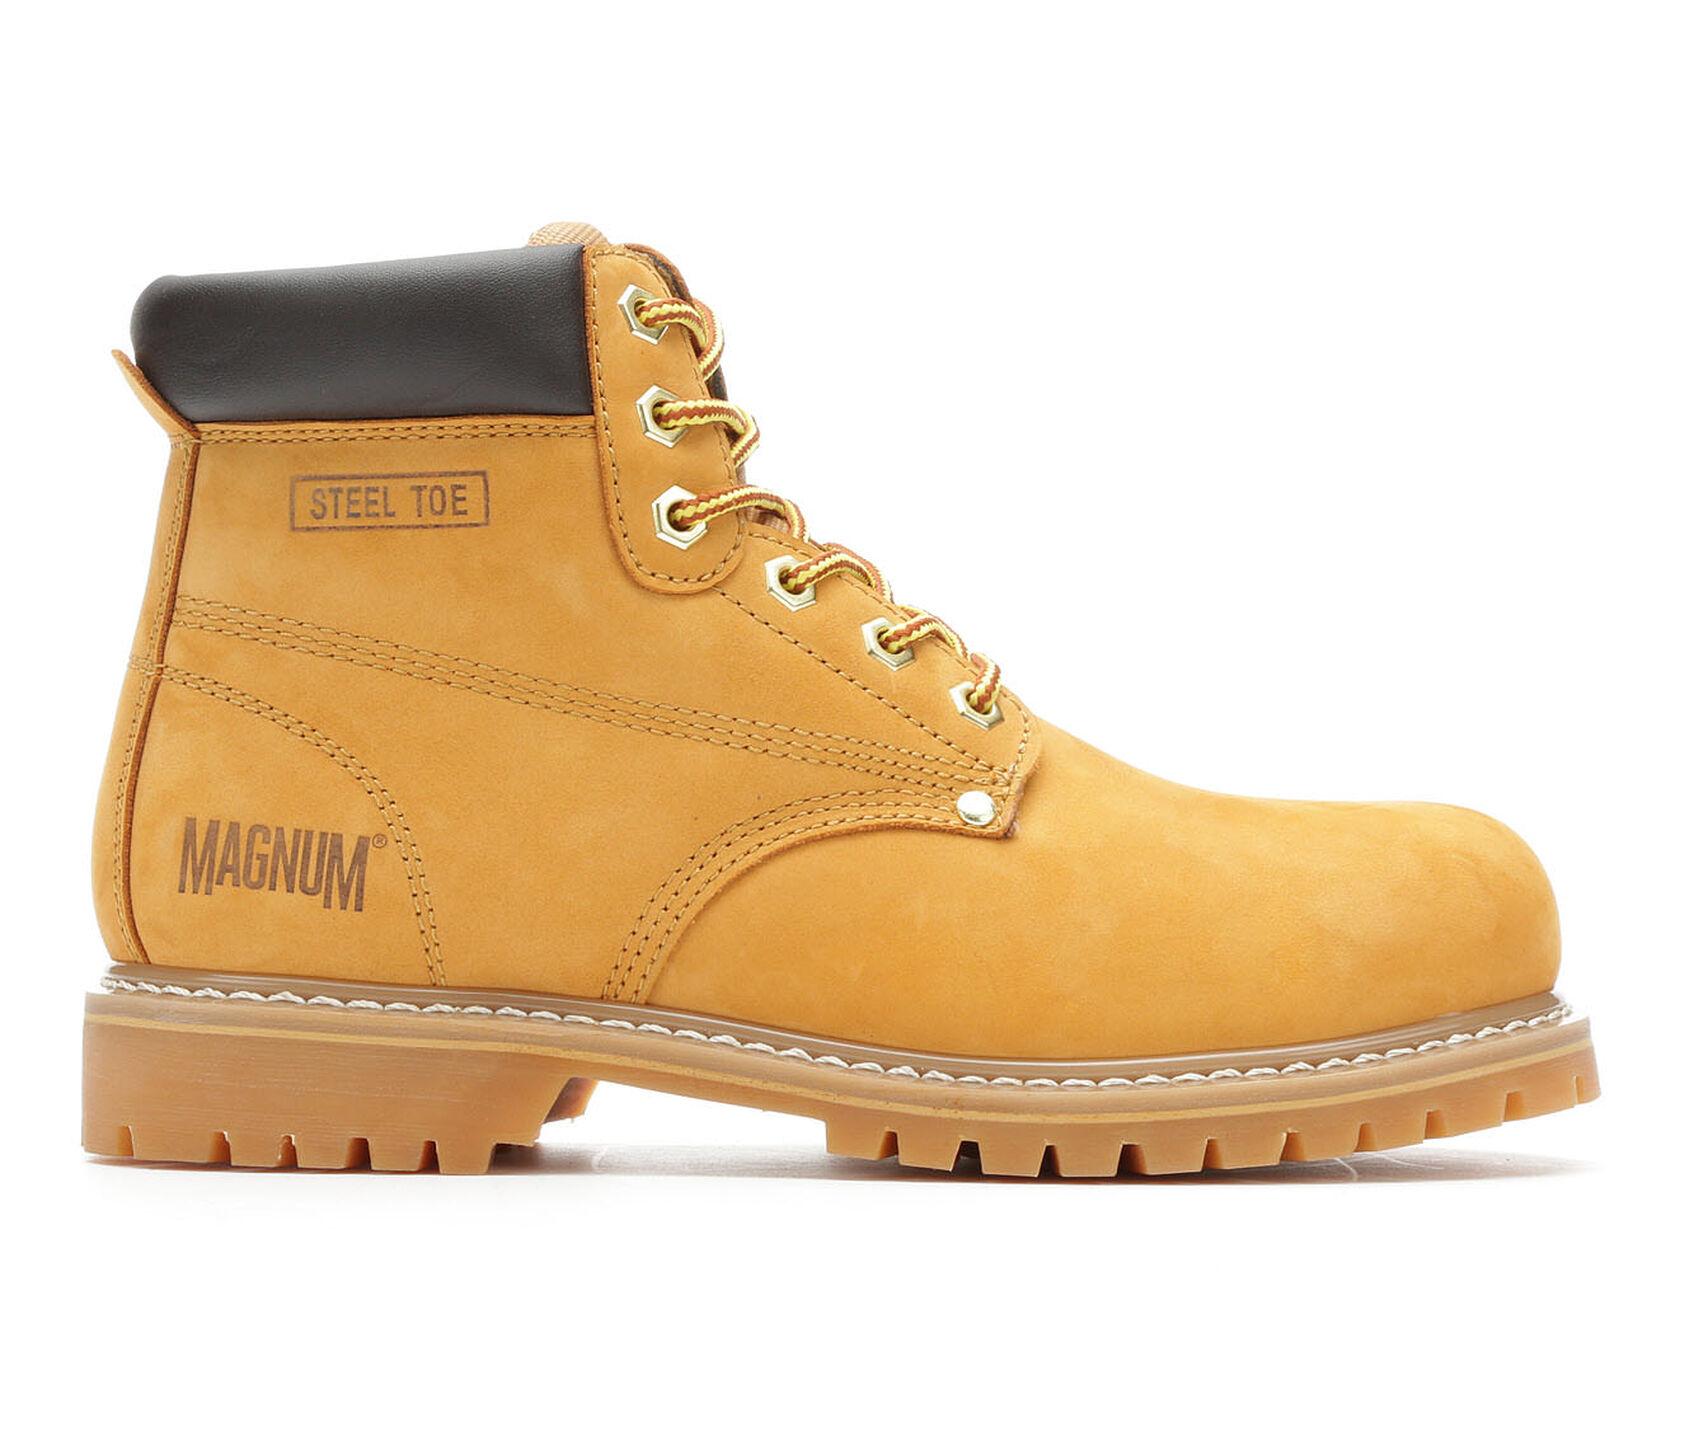 7af31c4bb34 Men's Magnum Gritstone Mid Steel Toe Work Boots